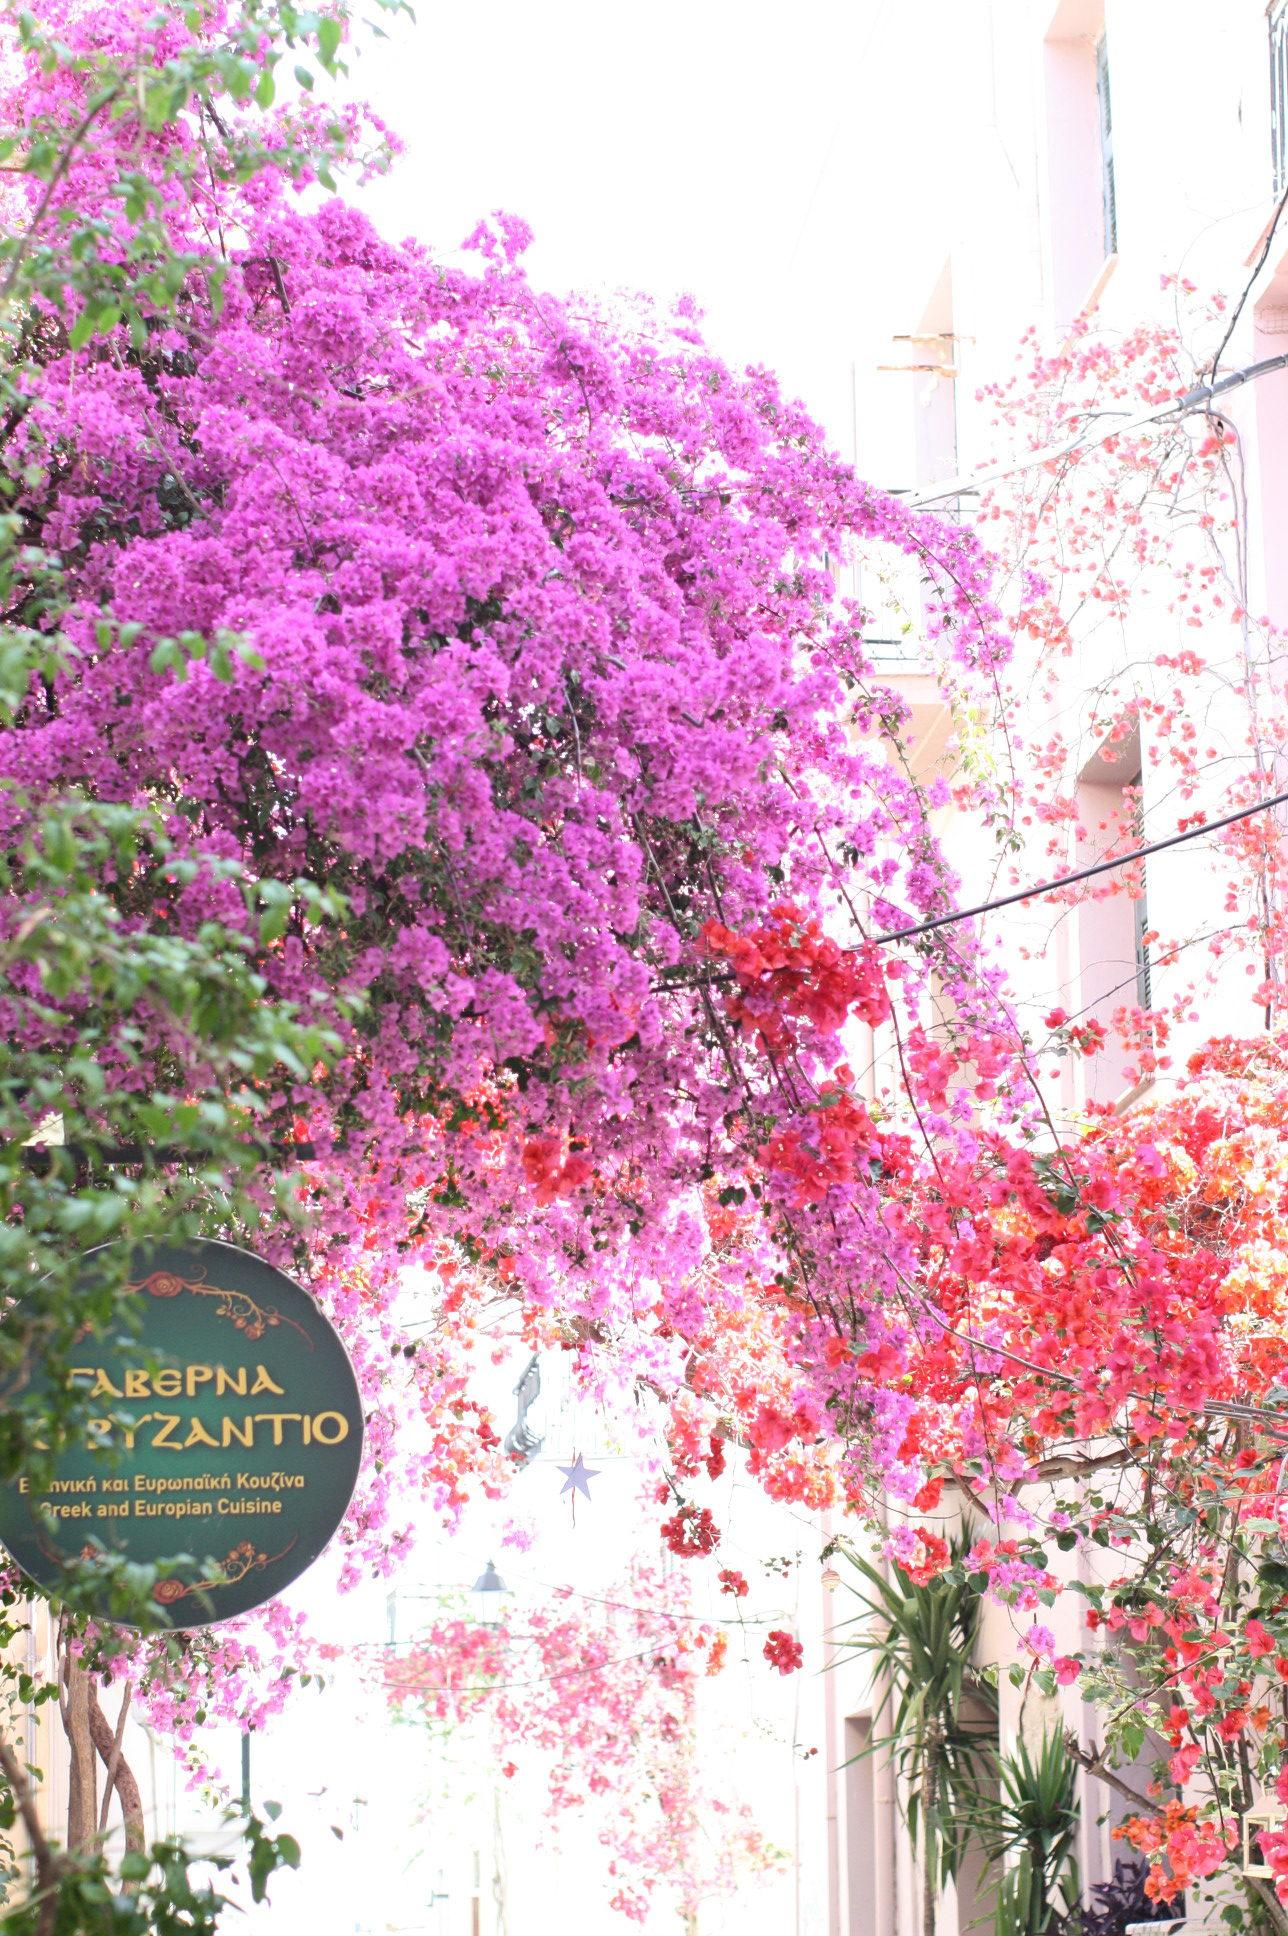 Nomad Luxuries in Nafplio Greece under flowers in the Mediterranean Summer